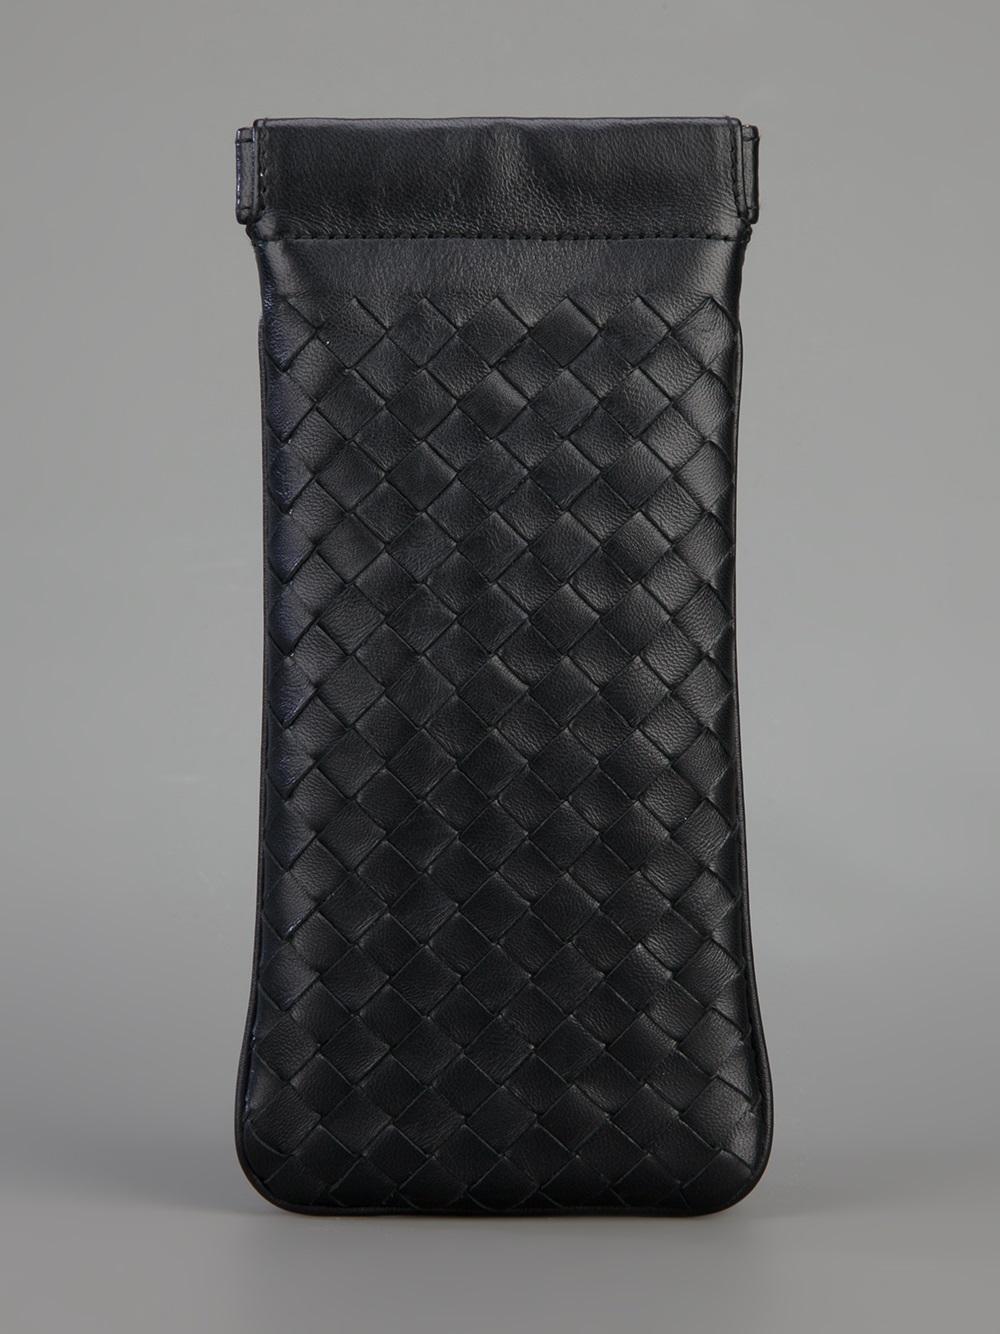 Lyst - Bottega Veneta Woven Leather Glasses Case in Black